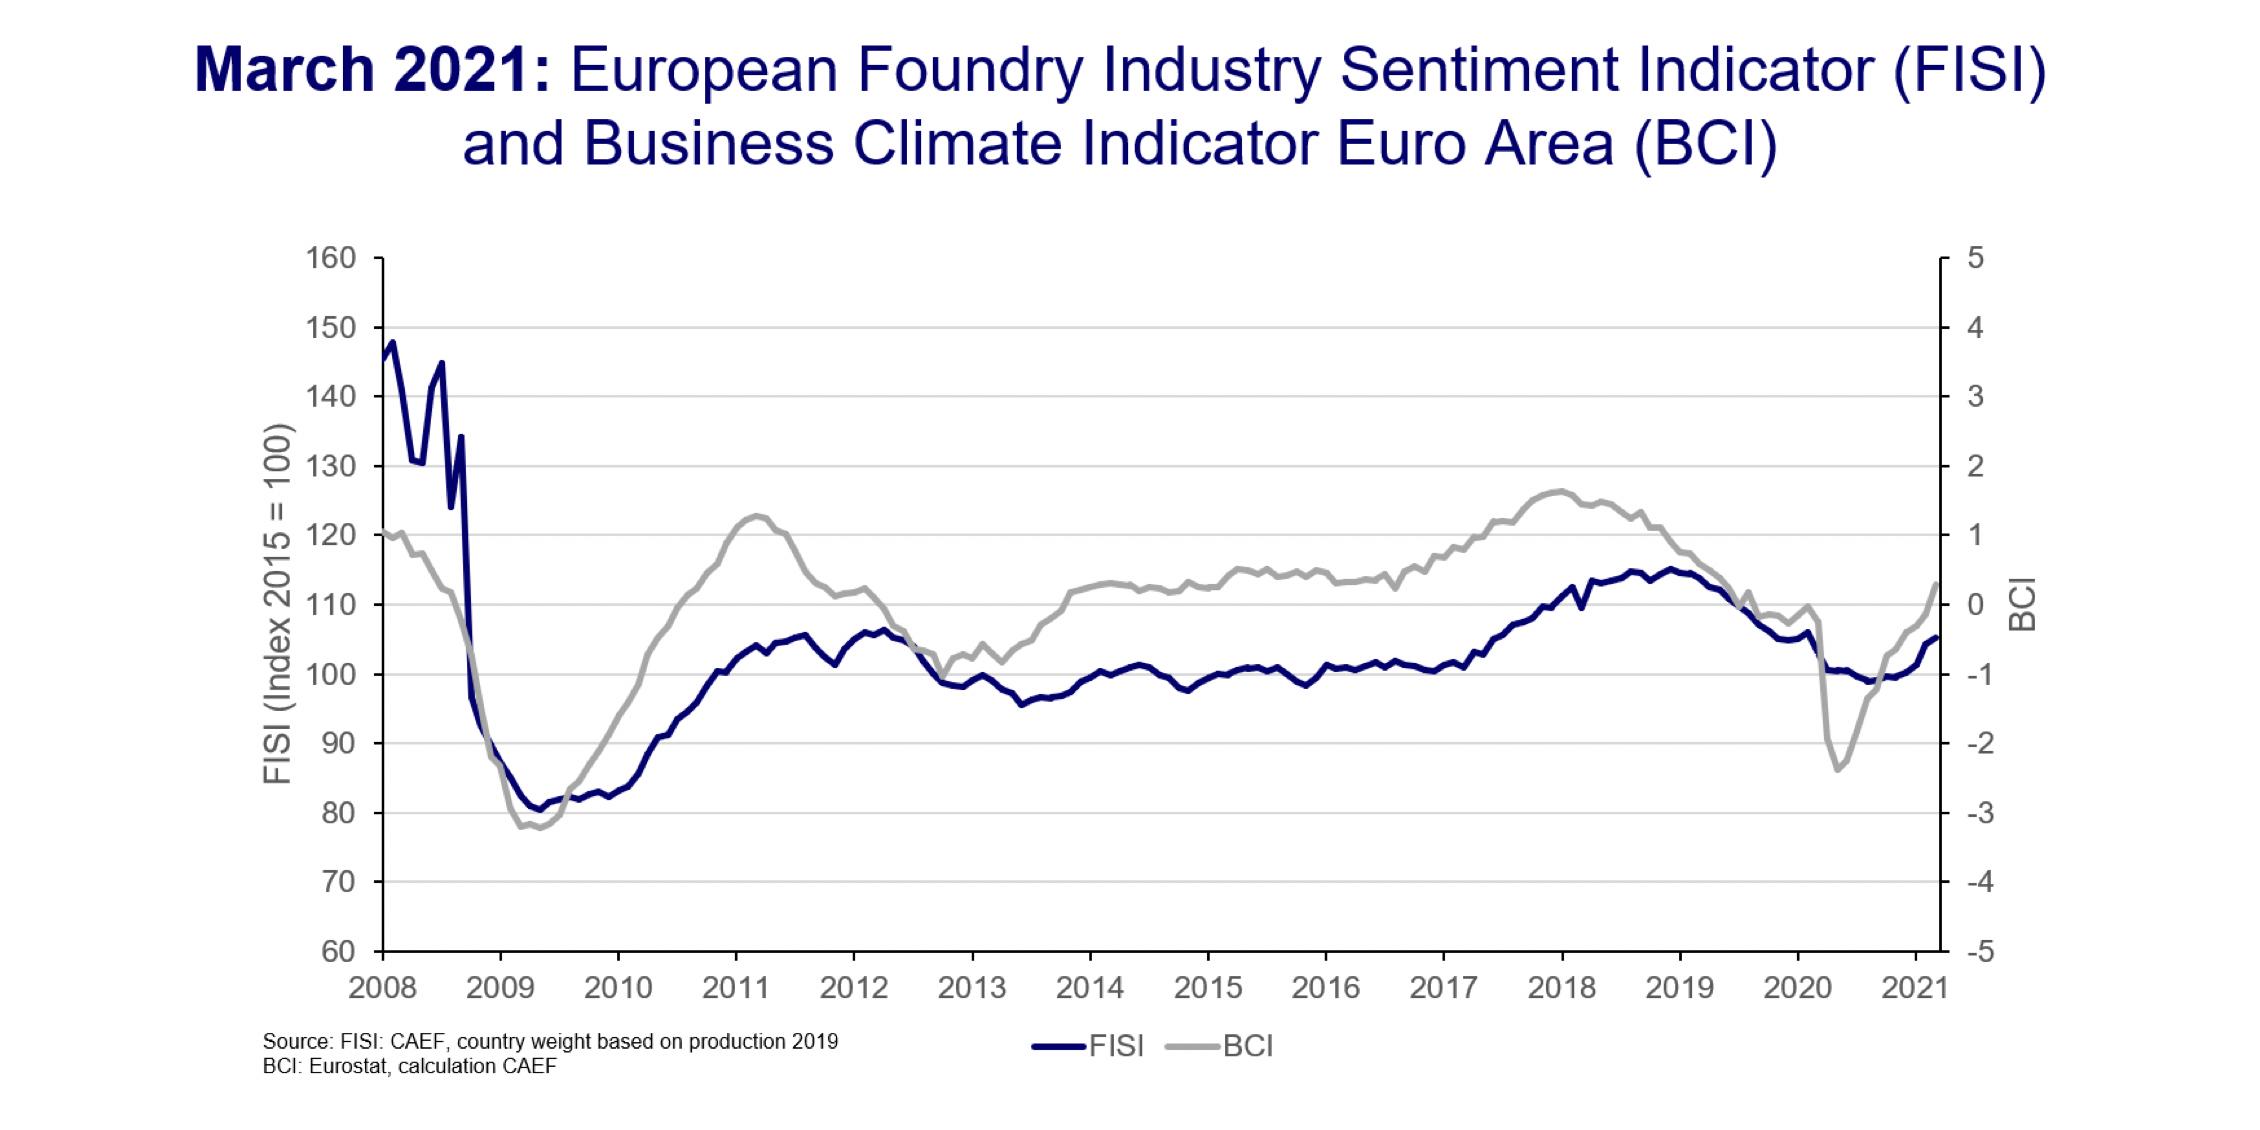 FISI. Sentimiento de la industria europea de la fundición, marzo de 2021: Mayor mejora de la situación empresarial actual